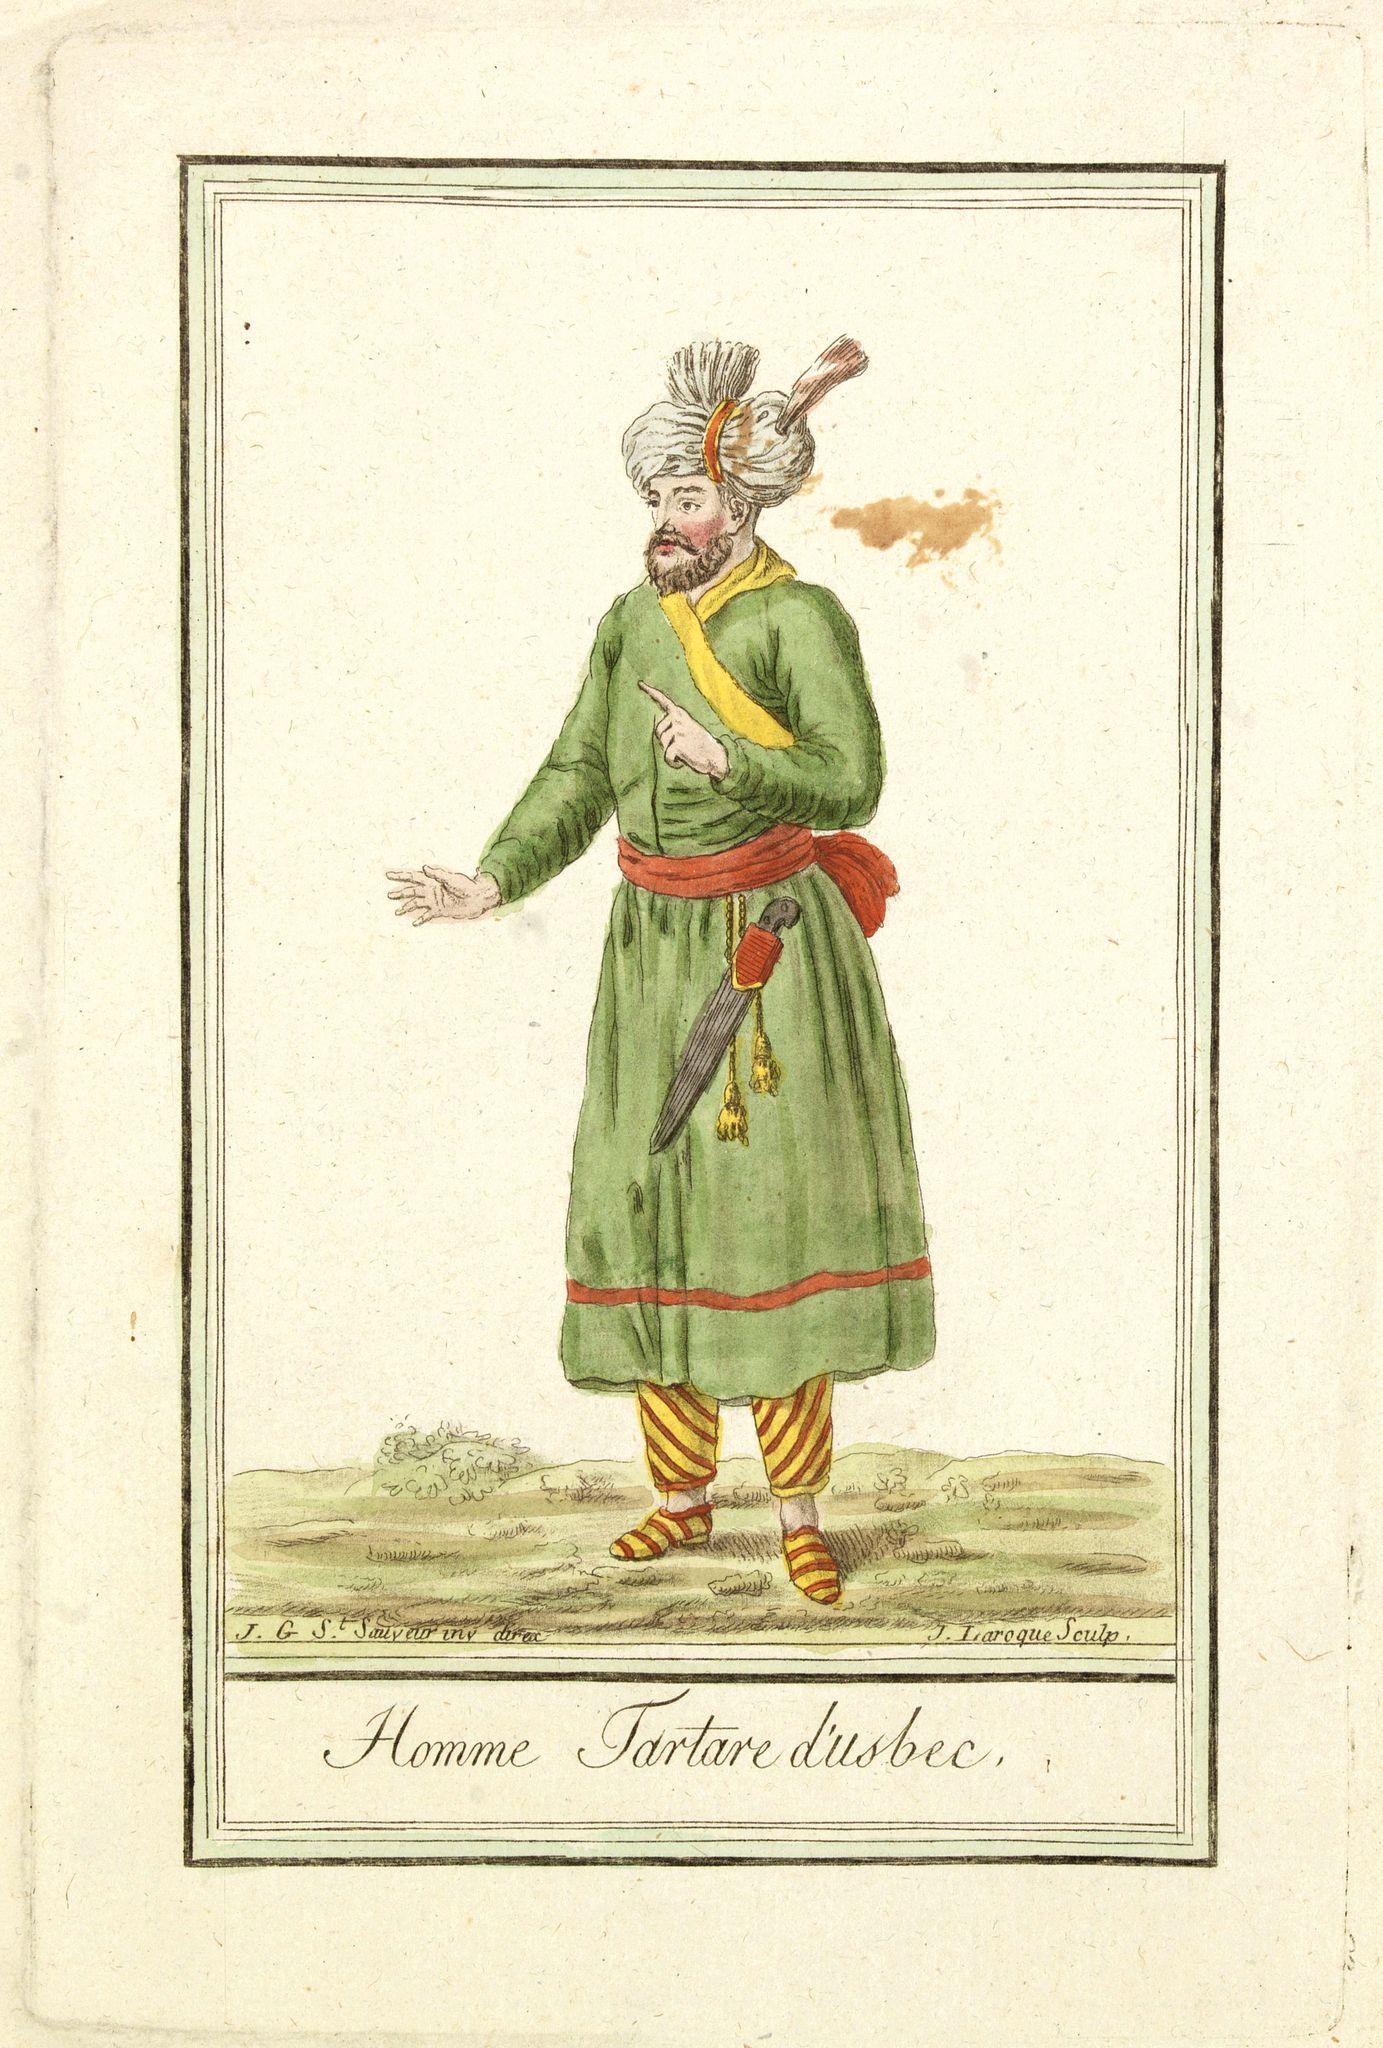 GRASSET DE SAINT SAUVEUR, J. -  Homme Tartare d'Usbec.